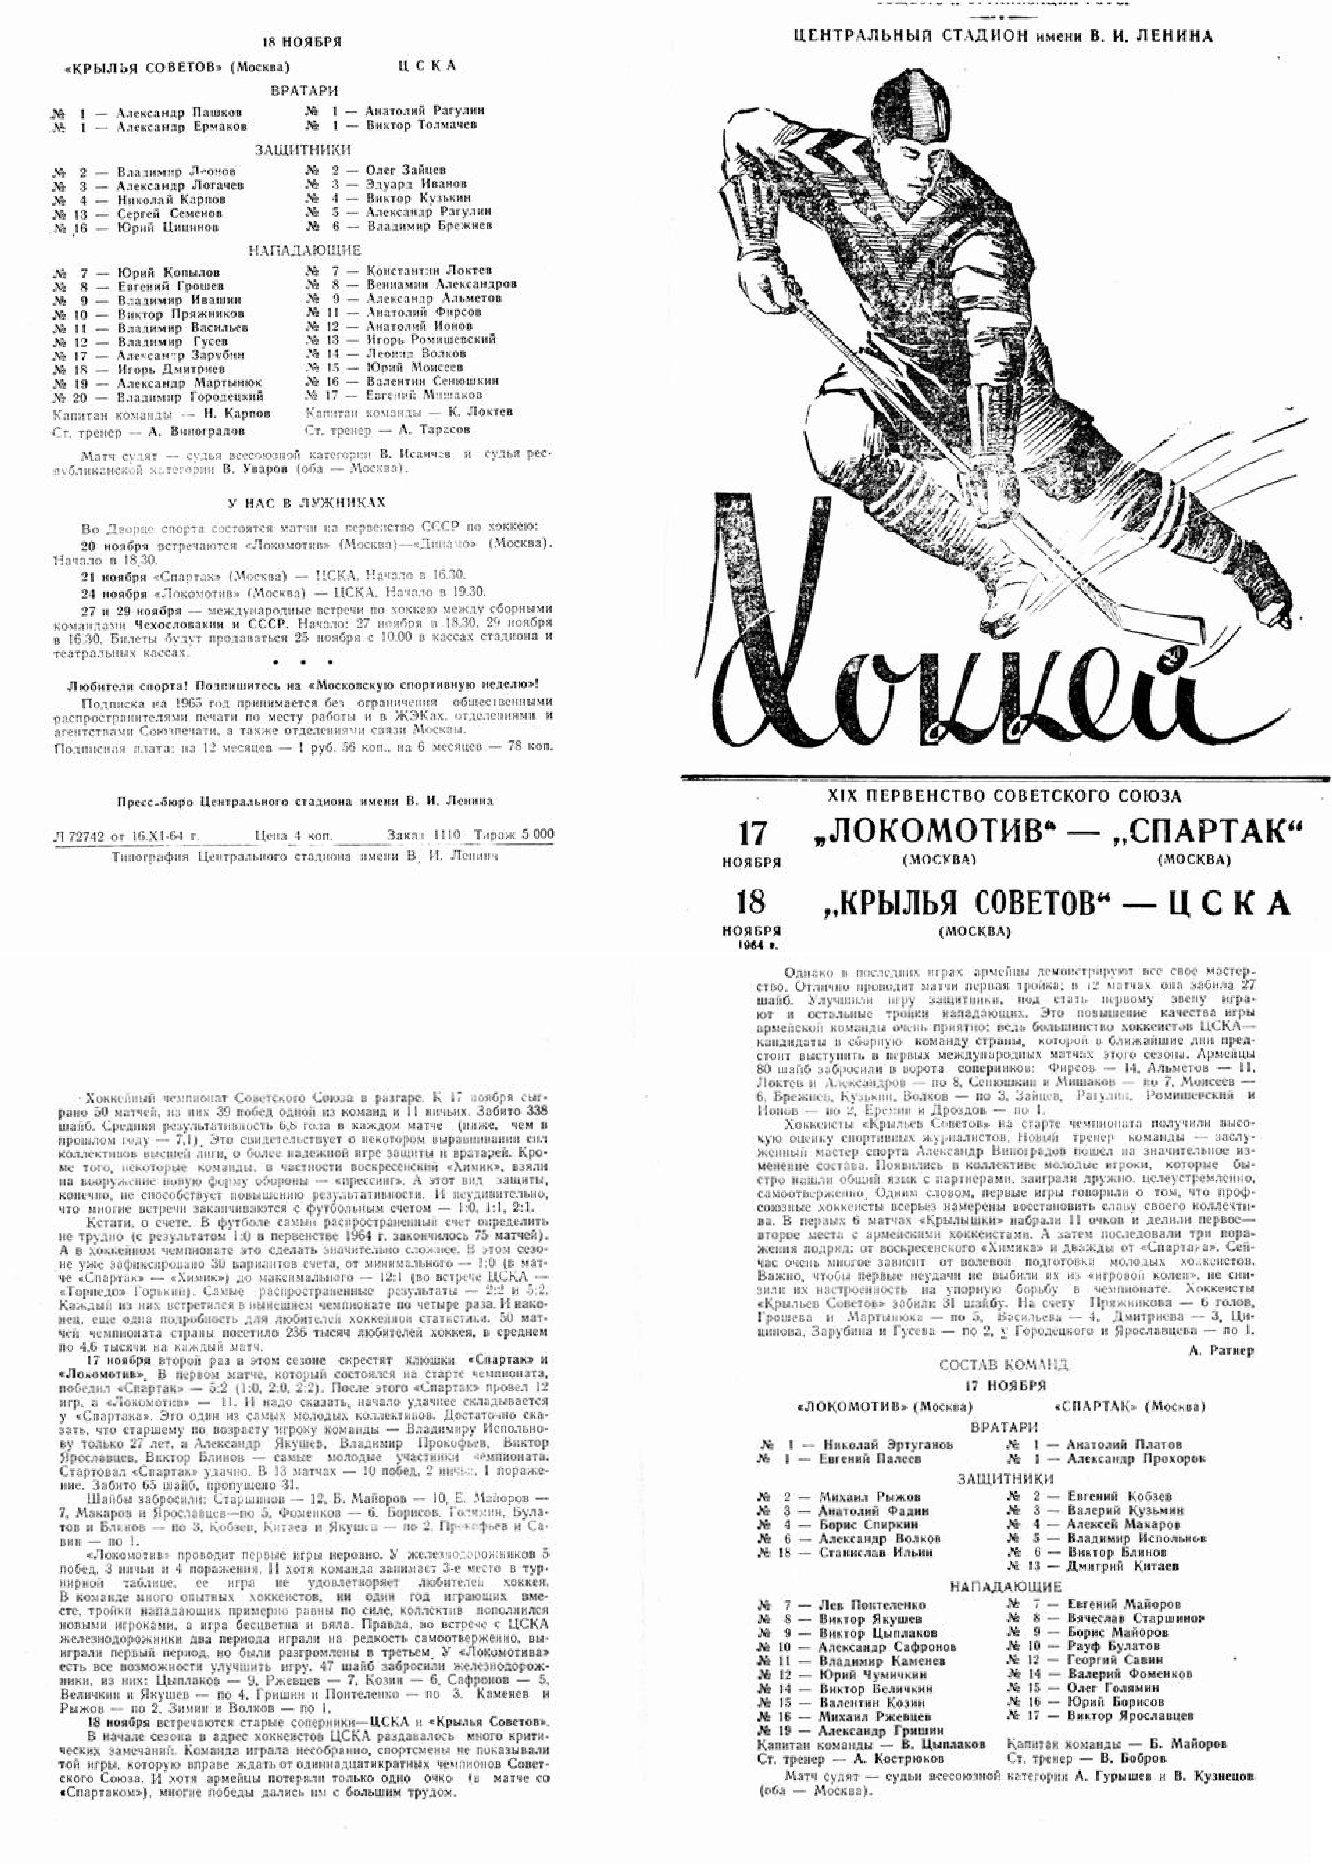 сезон 1964-1965 программки-9.jpg